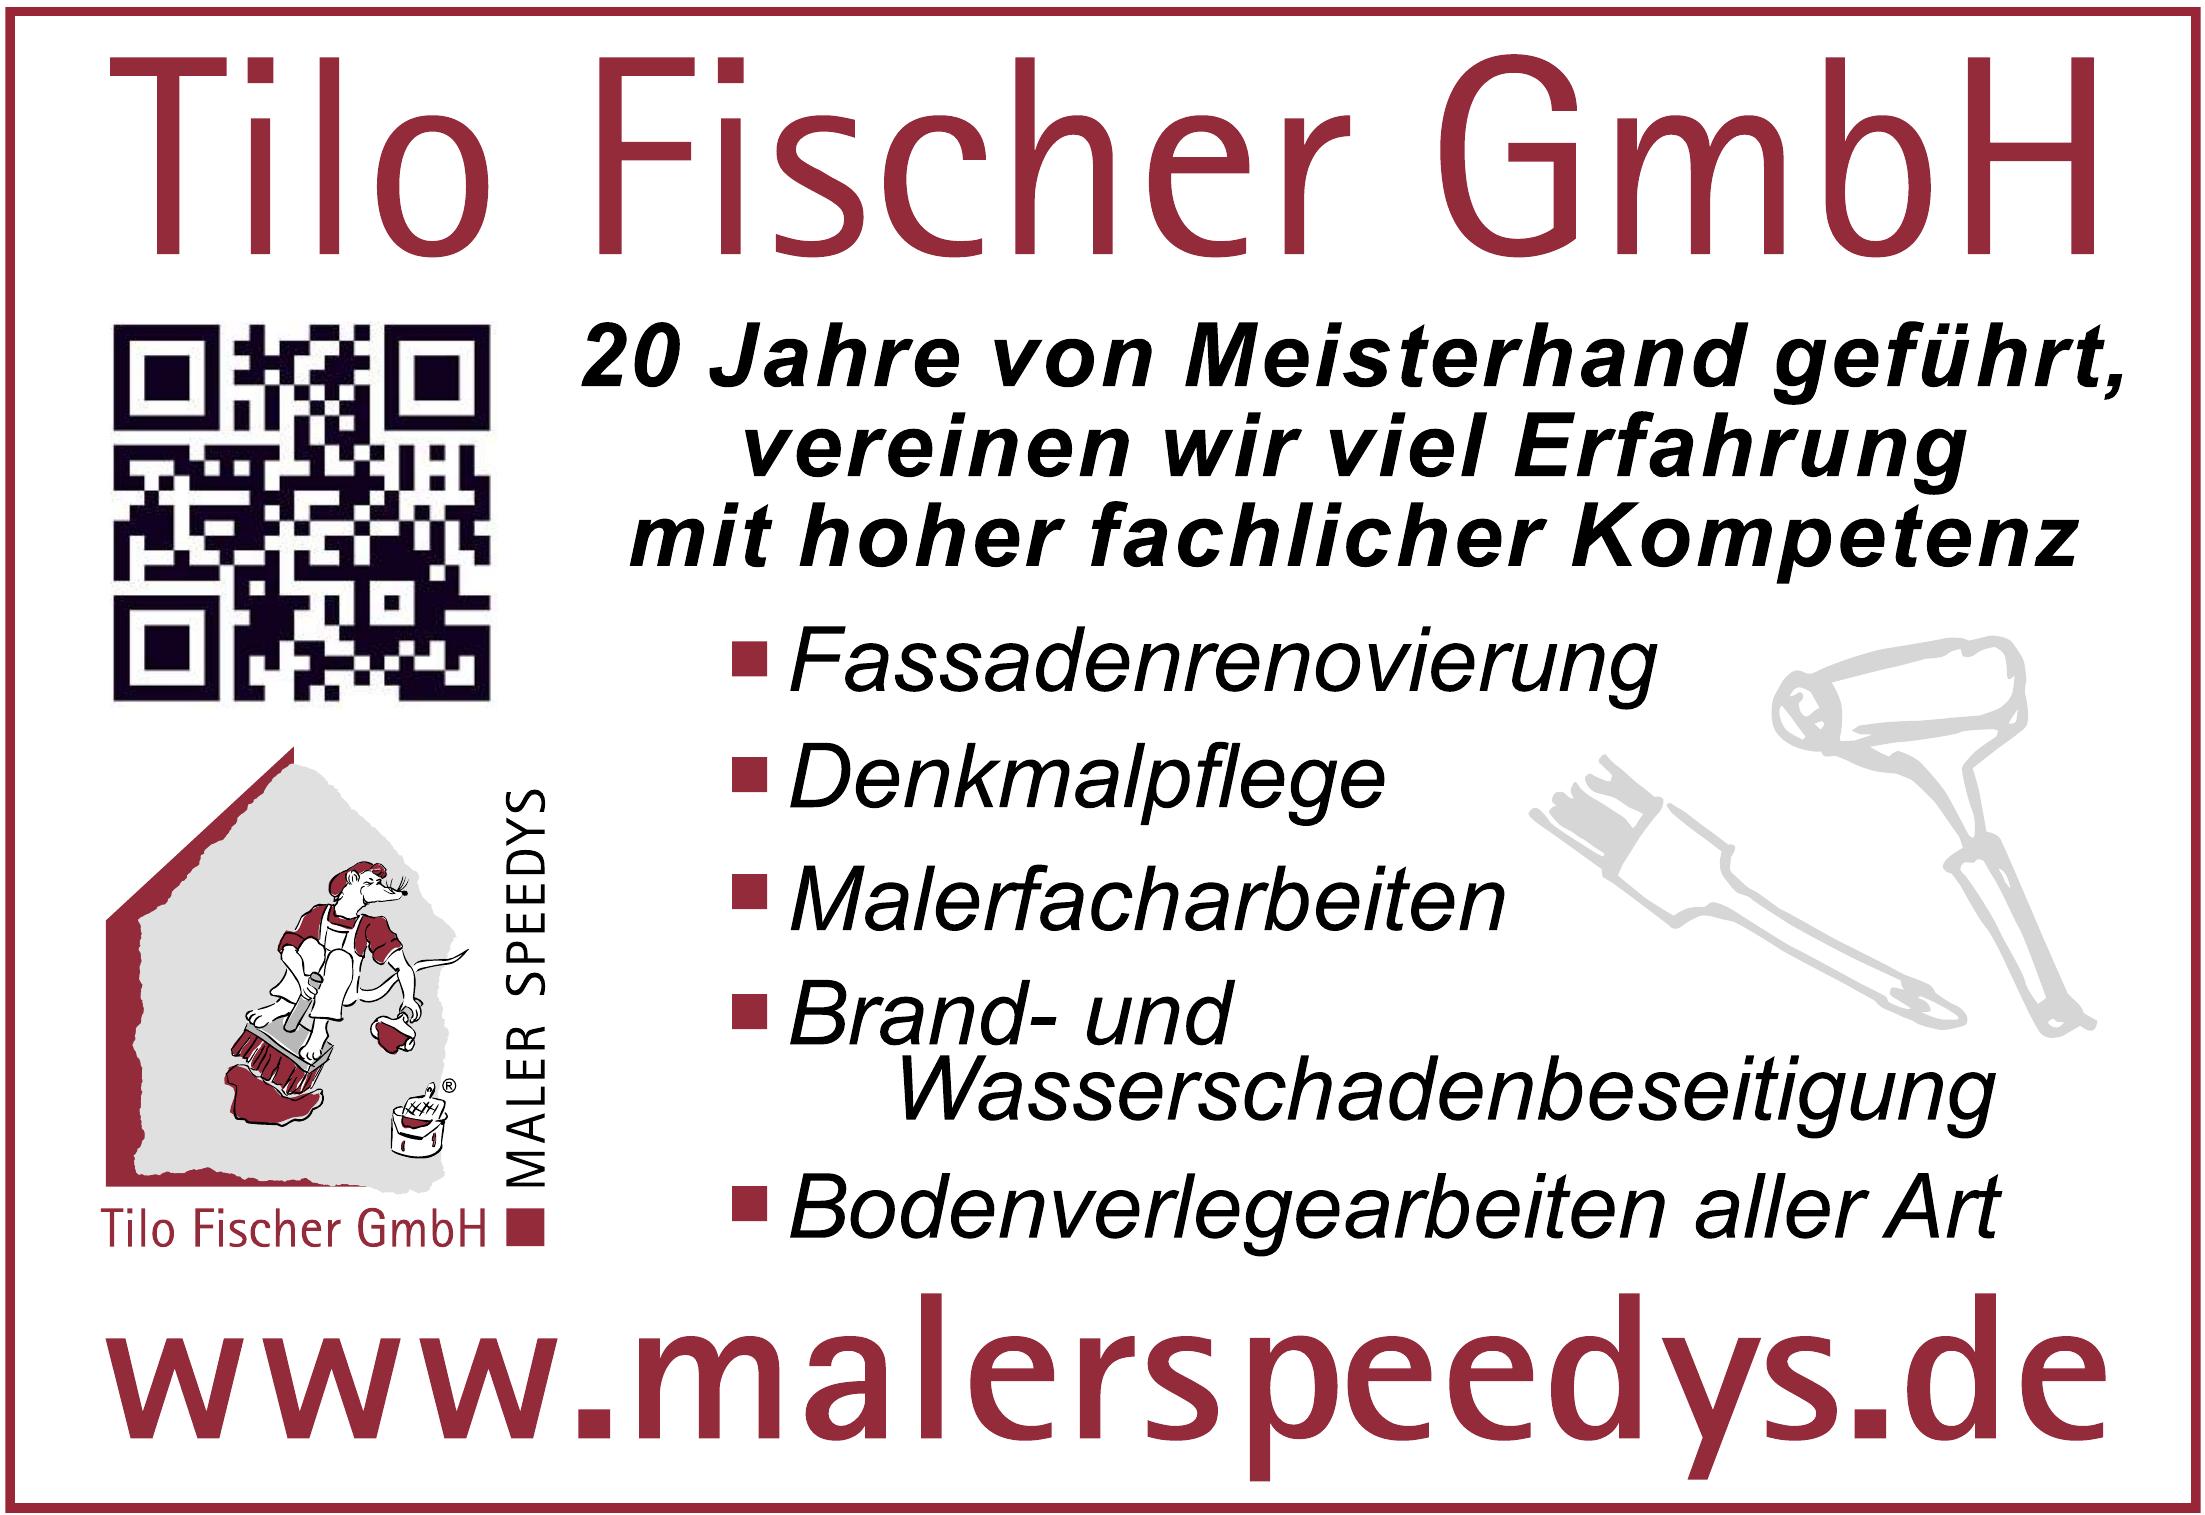 Tilo Fischer GmbH